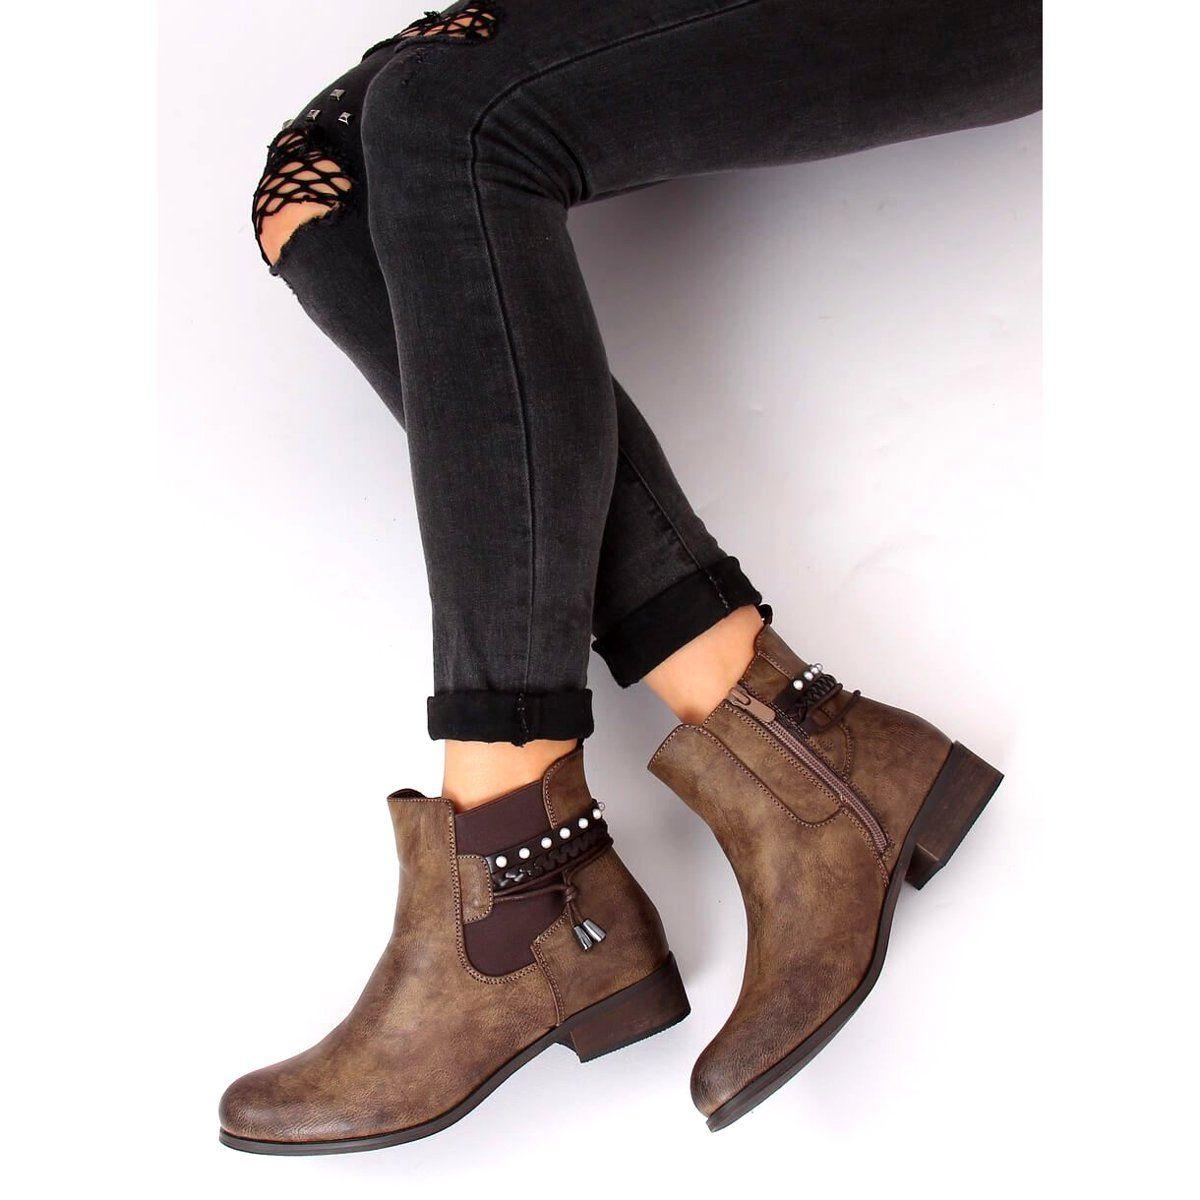 Sztyblety Damskie Brazowe 846 Khaki Jodhpur Boots Boots Boot Shoes Women